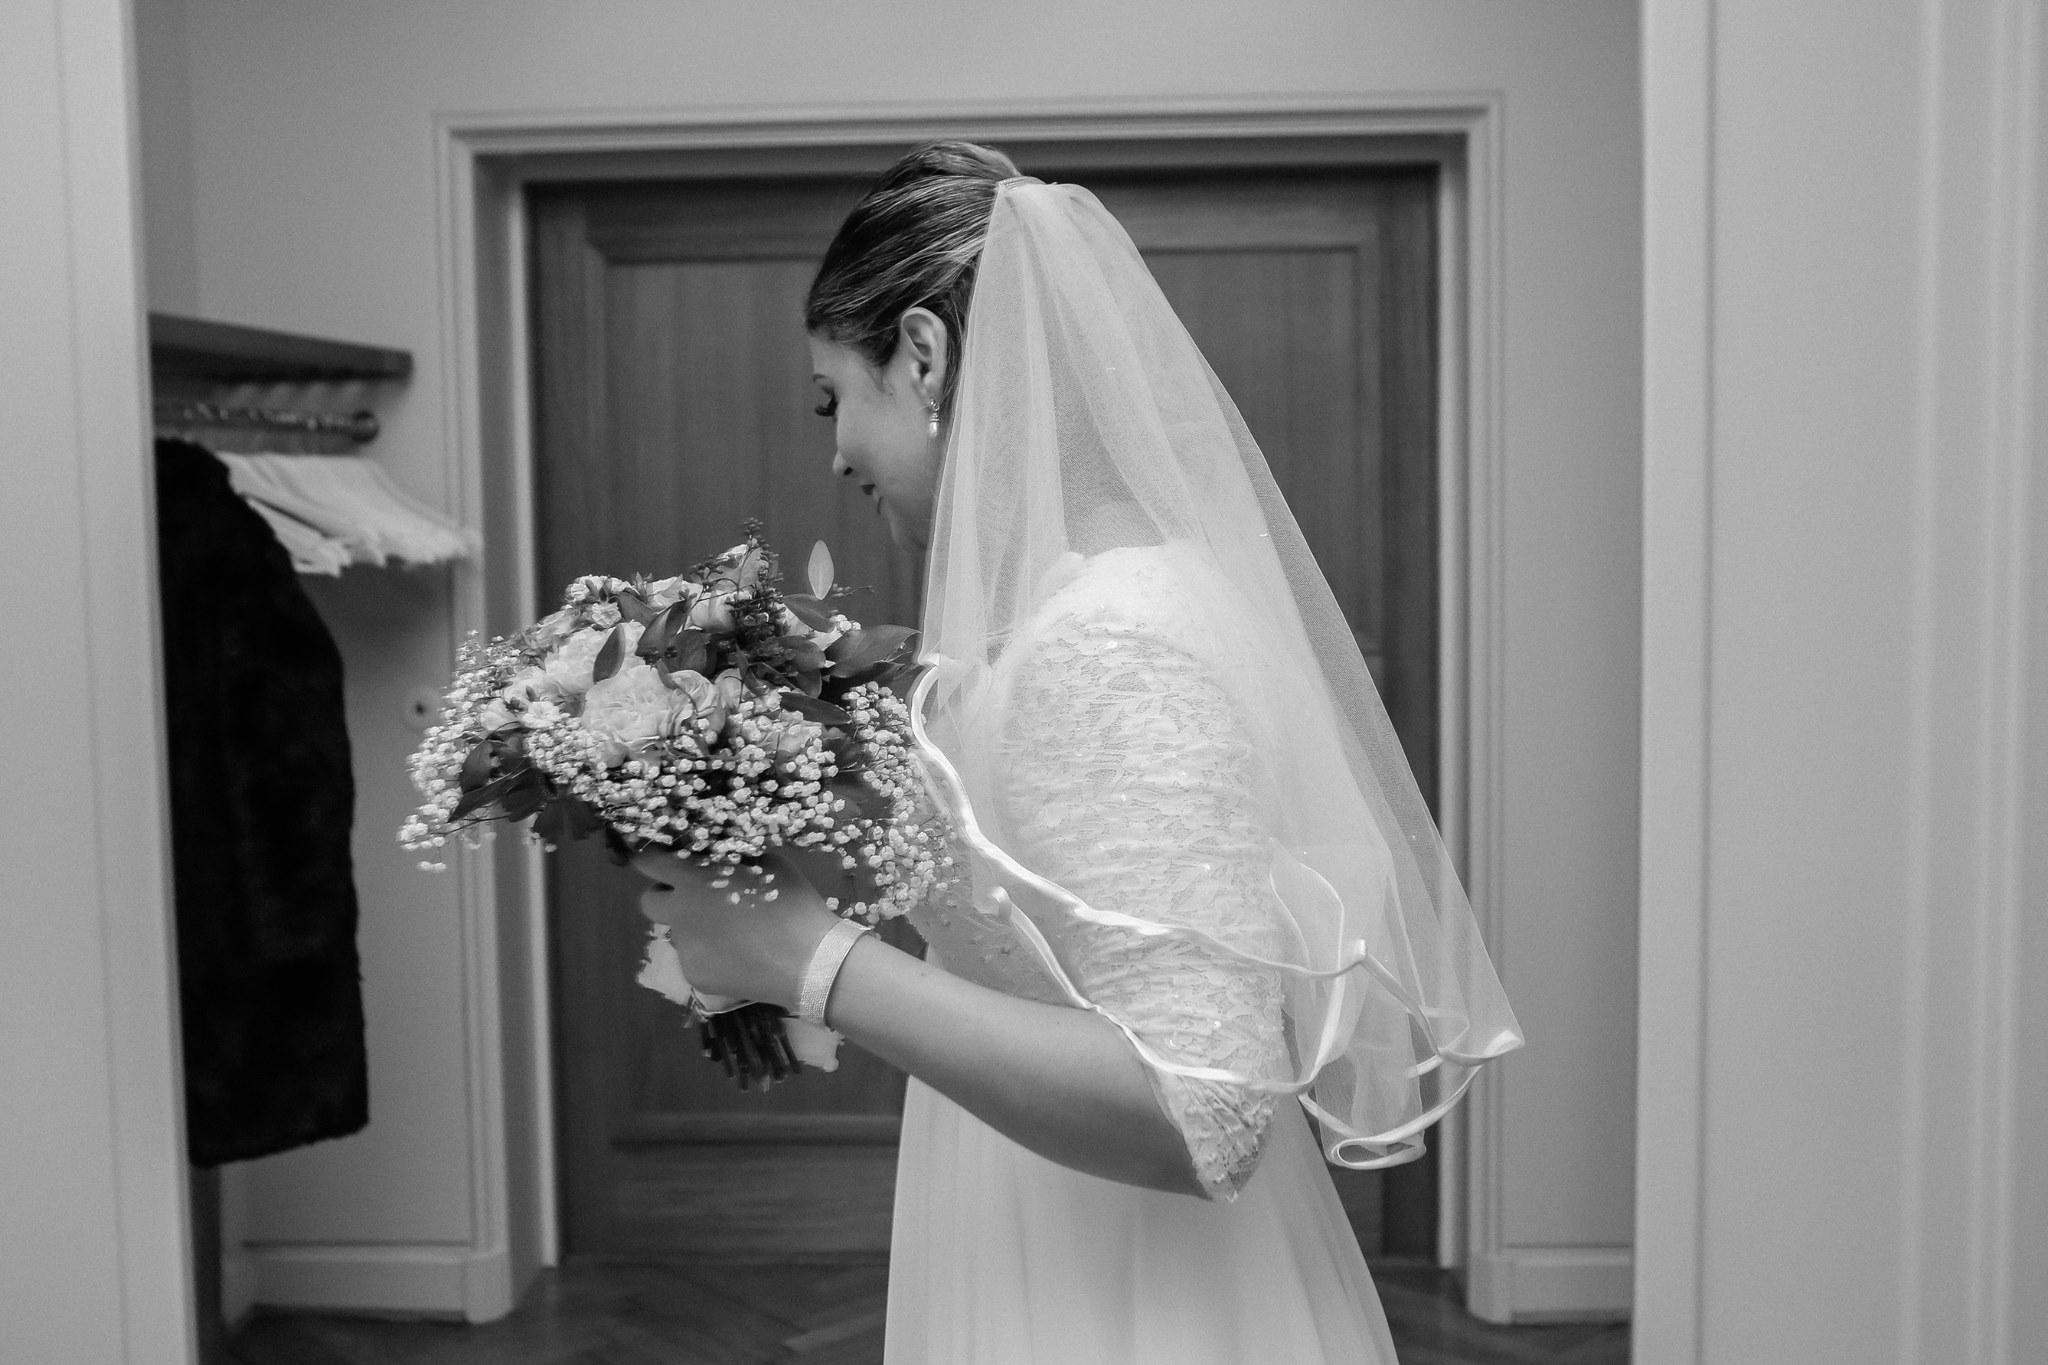 copenhagen-wedding-photograoher24